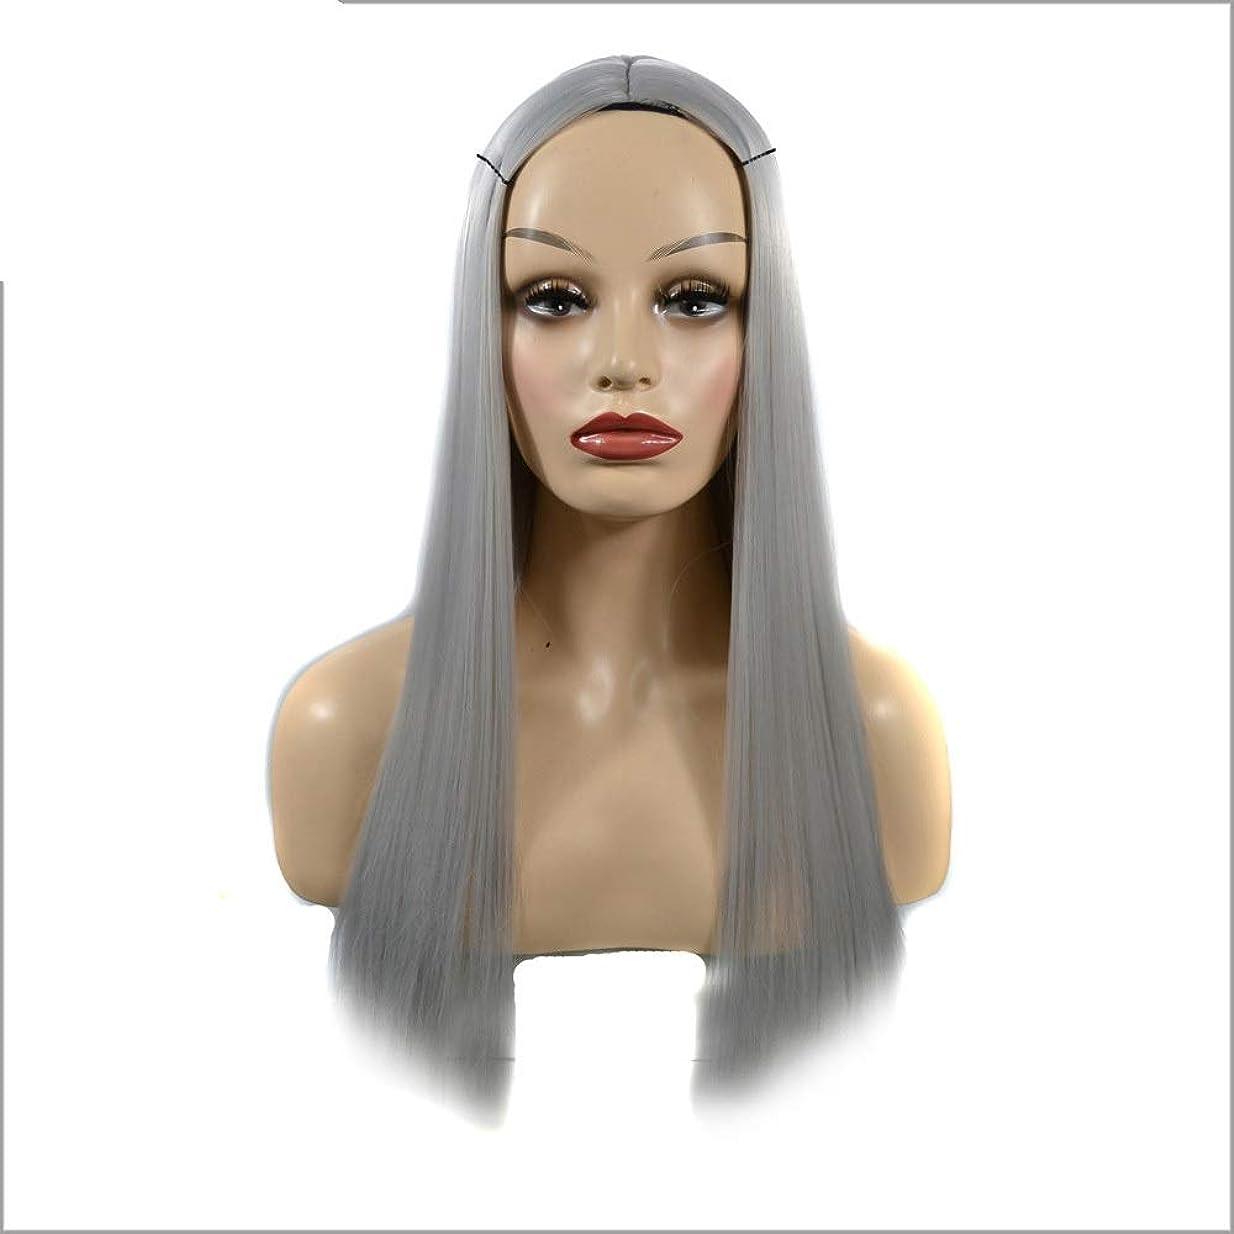 水差し重要な役割を果たす、中心的な手段となる帽子HOHYLLYA オンブルシルバーグレーウィッグロングストレート合成かつら女性用耐熱フルウィッグパーティーウィッグ (色 : Silver Grey, サイズ : 60cm)